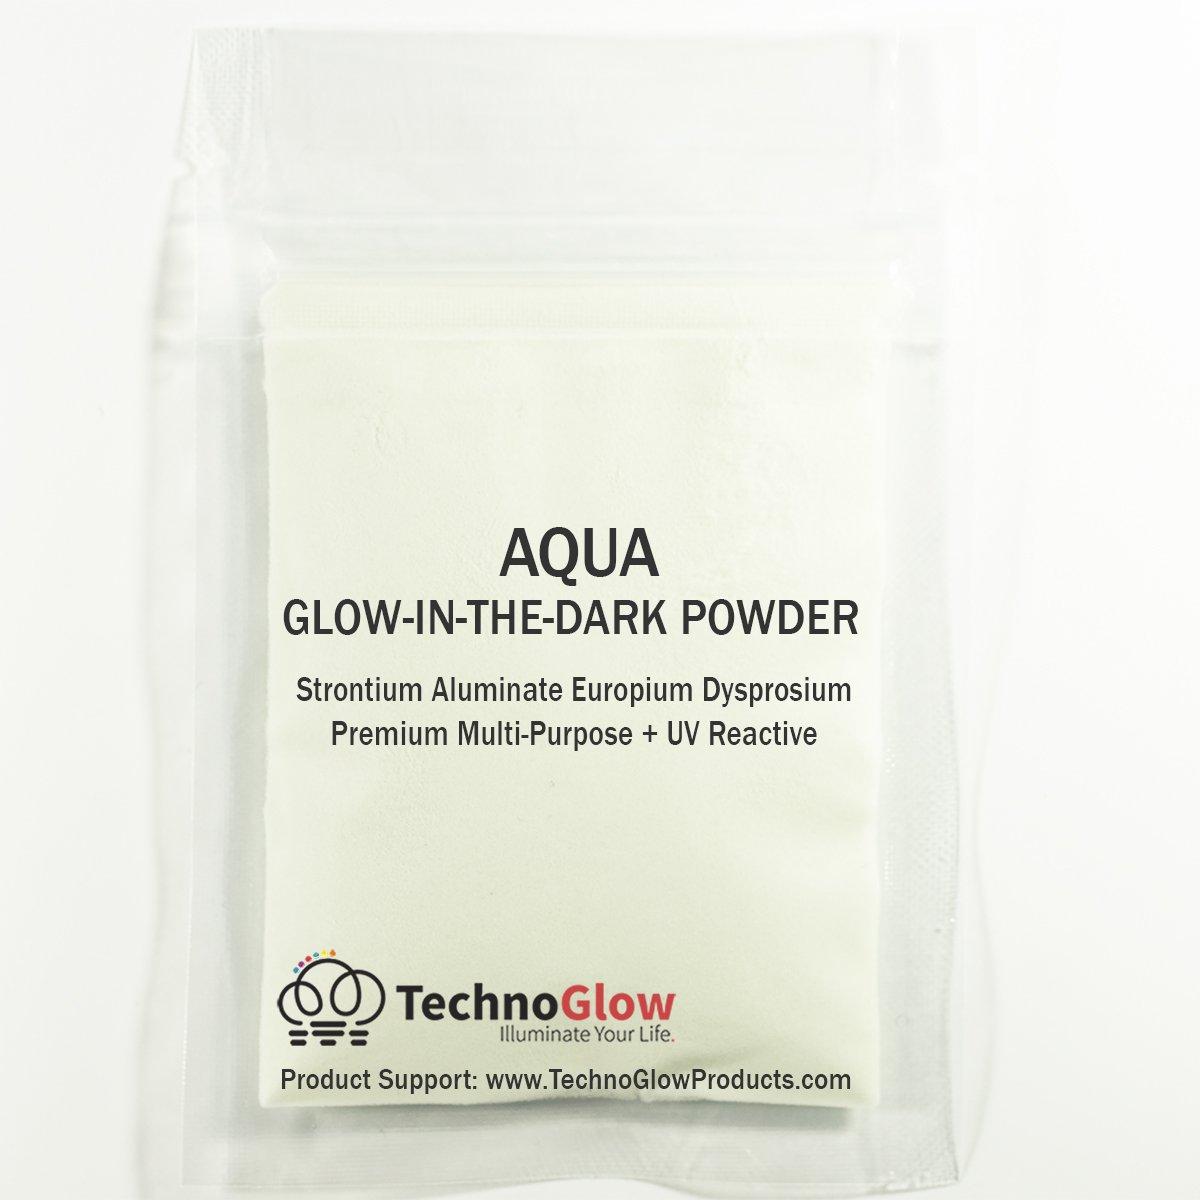 Aqua Glow in the Dark Powder | Various Sizes - 1 Pound by Techno Glow Inc (Image #2)